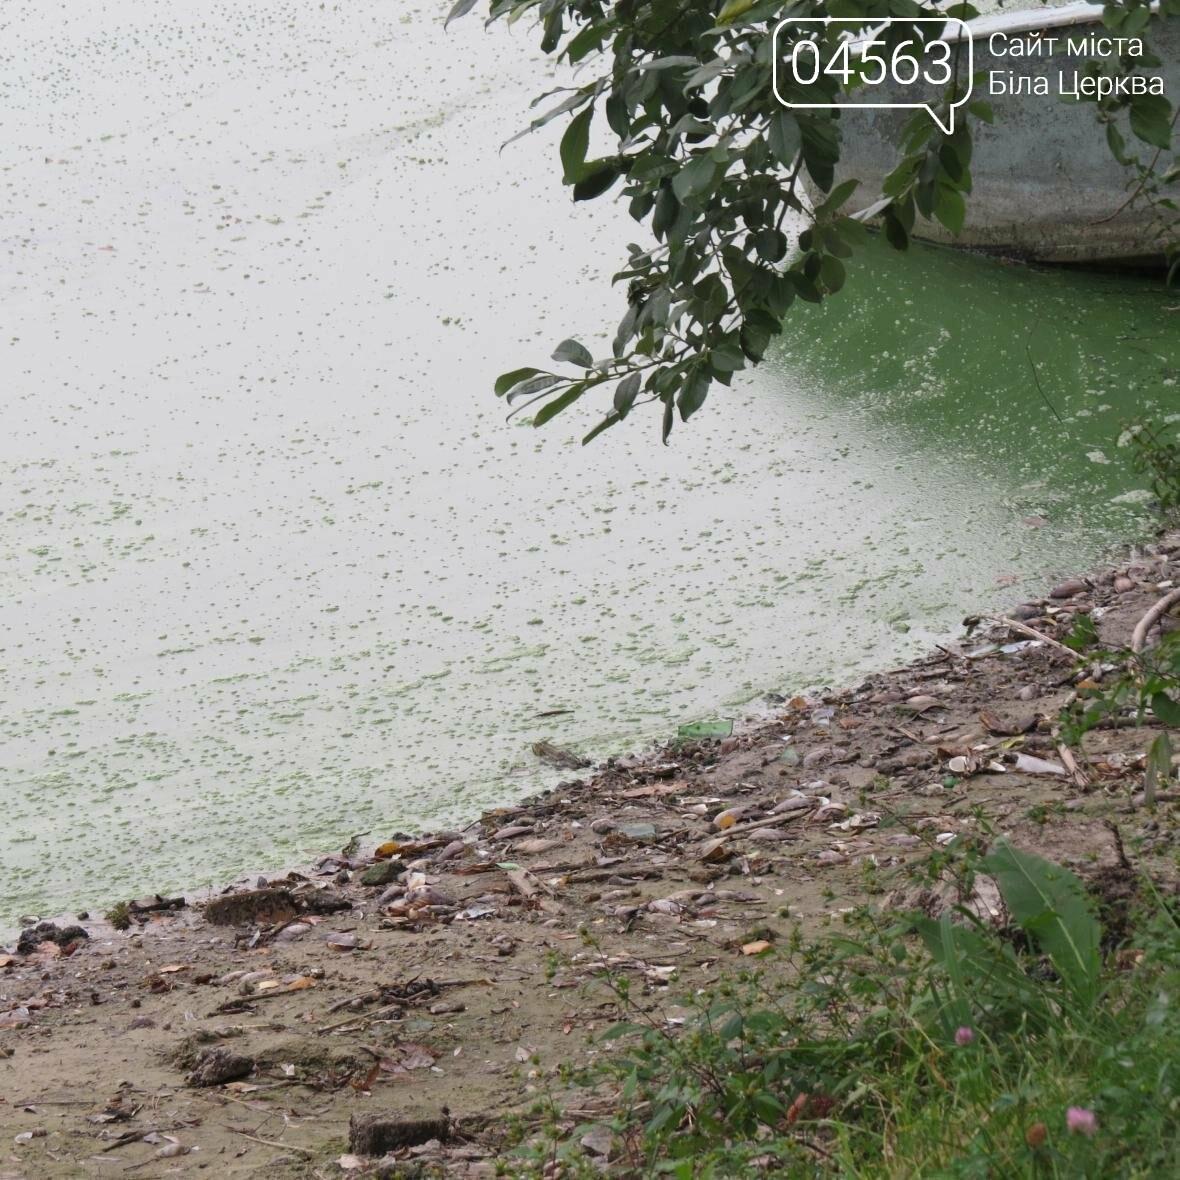 Чому вода з під крану у Білій Церкві має «річковий» запах